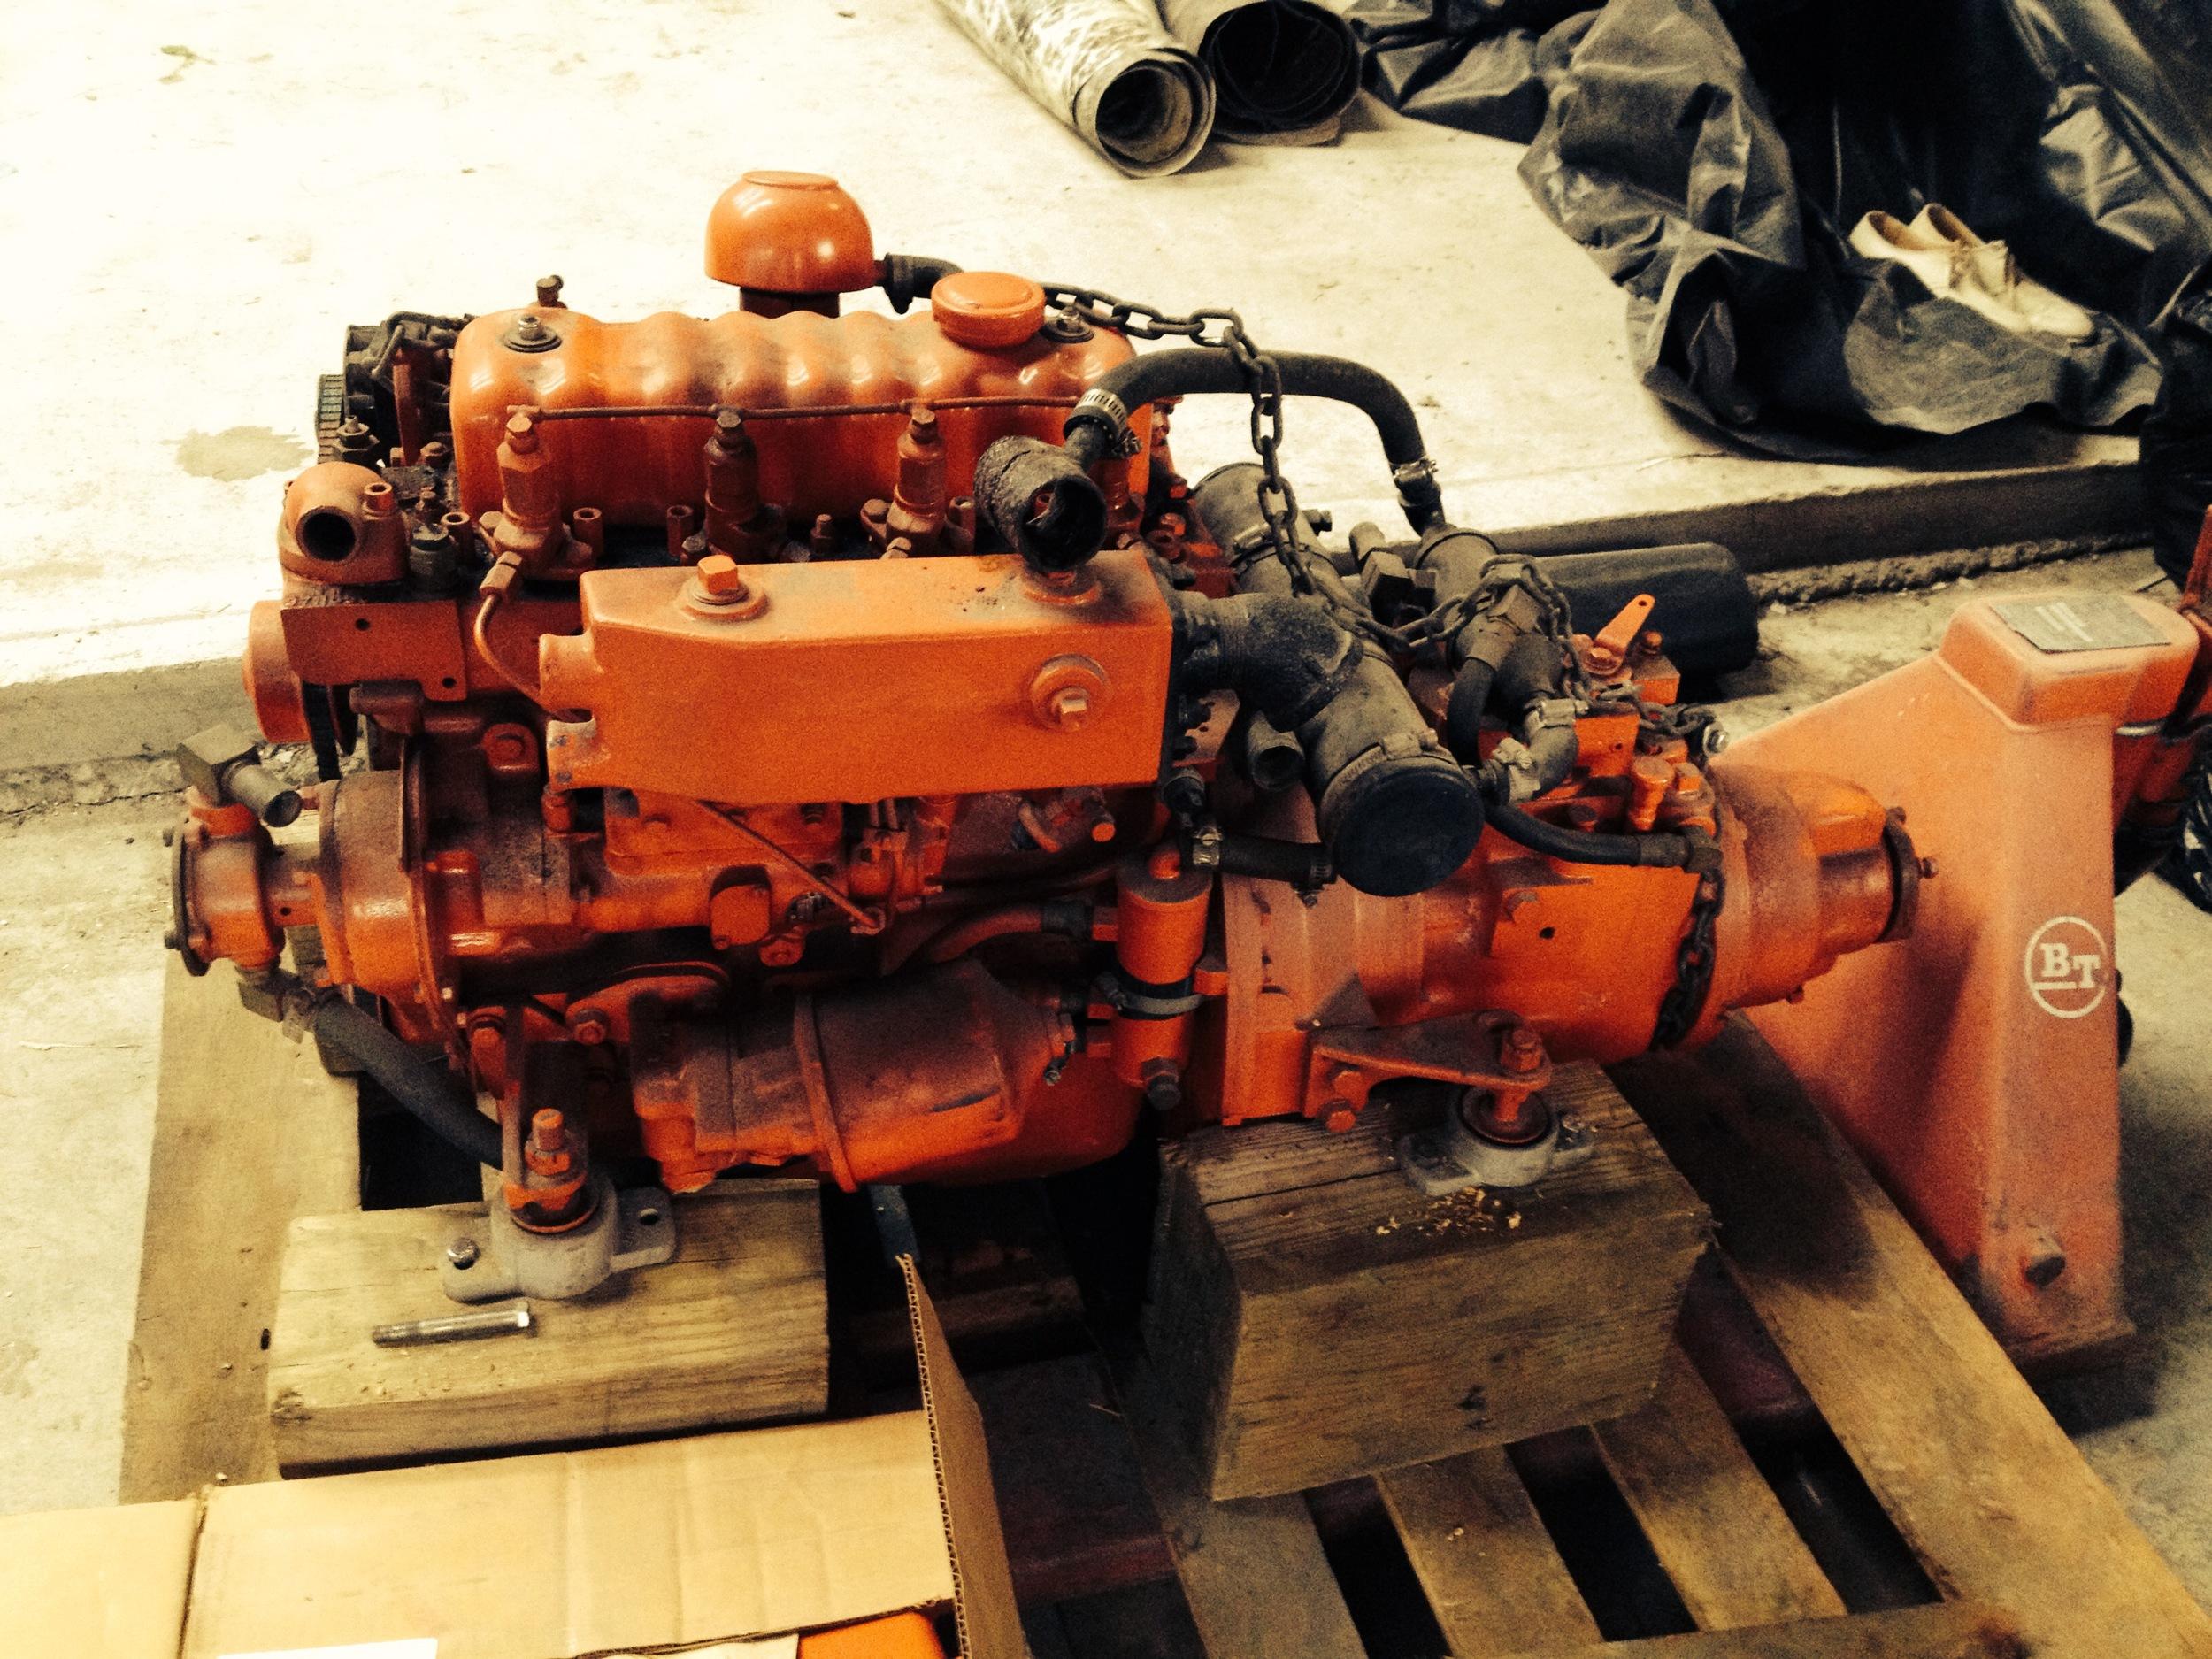 The next engine, a Westerbeke 4-107 diesel